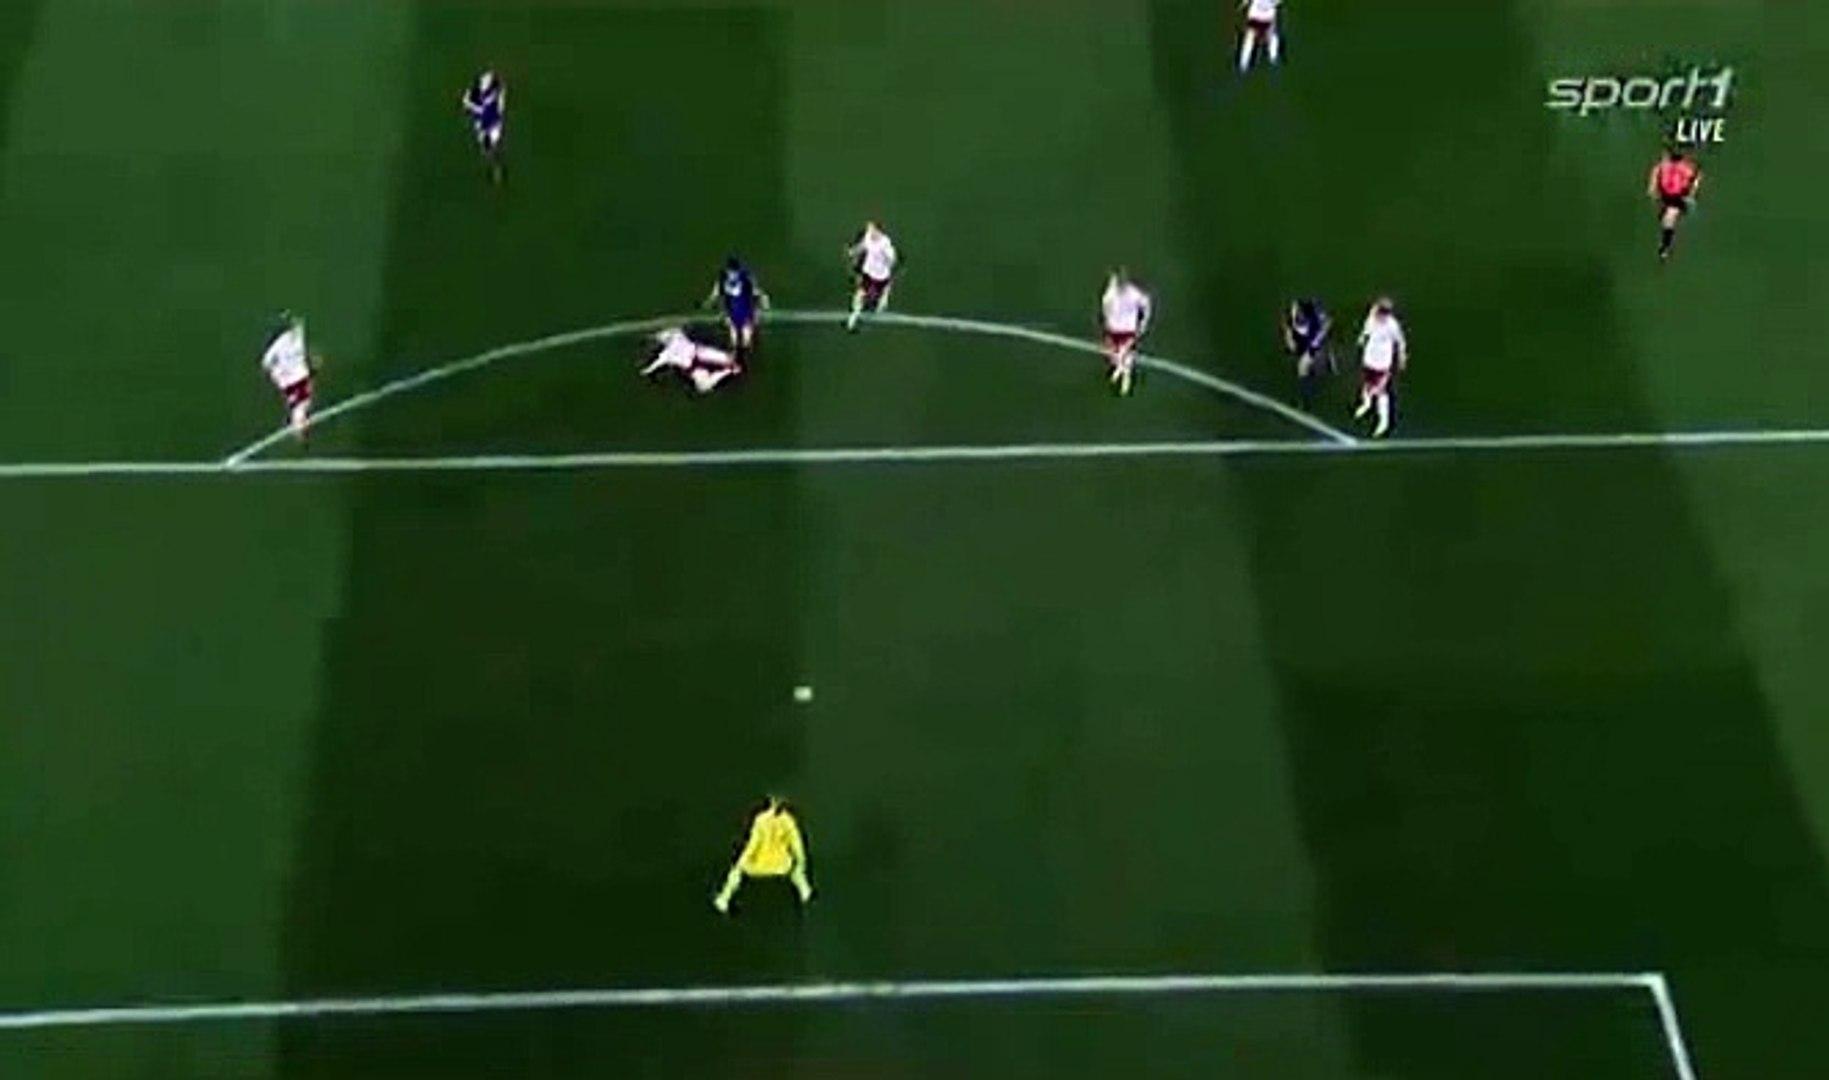 Cristiane GOAL HD - Paris SG W 4-0 Bayern Munich W 29.03.2017GOAL HD - Paris SG W 4-0 Bayern Munich